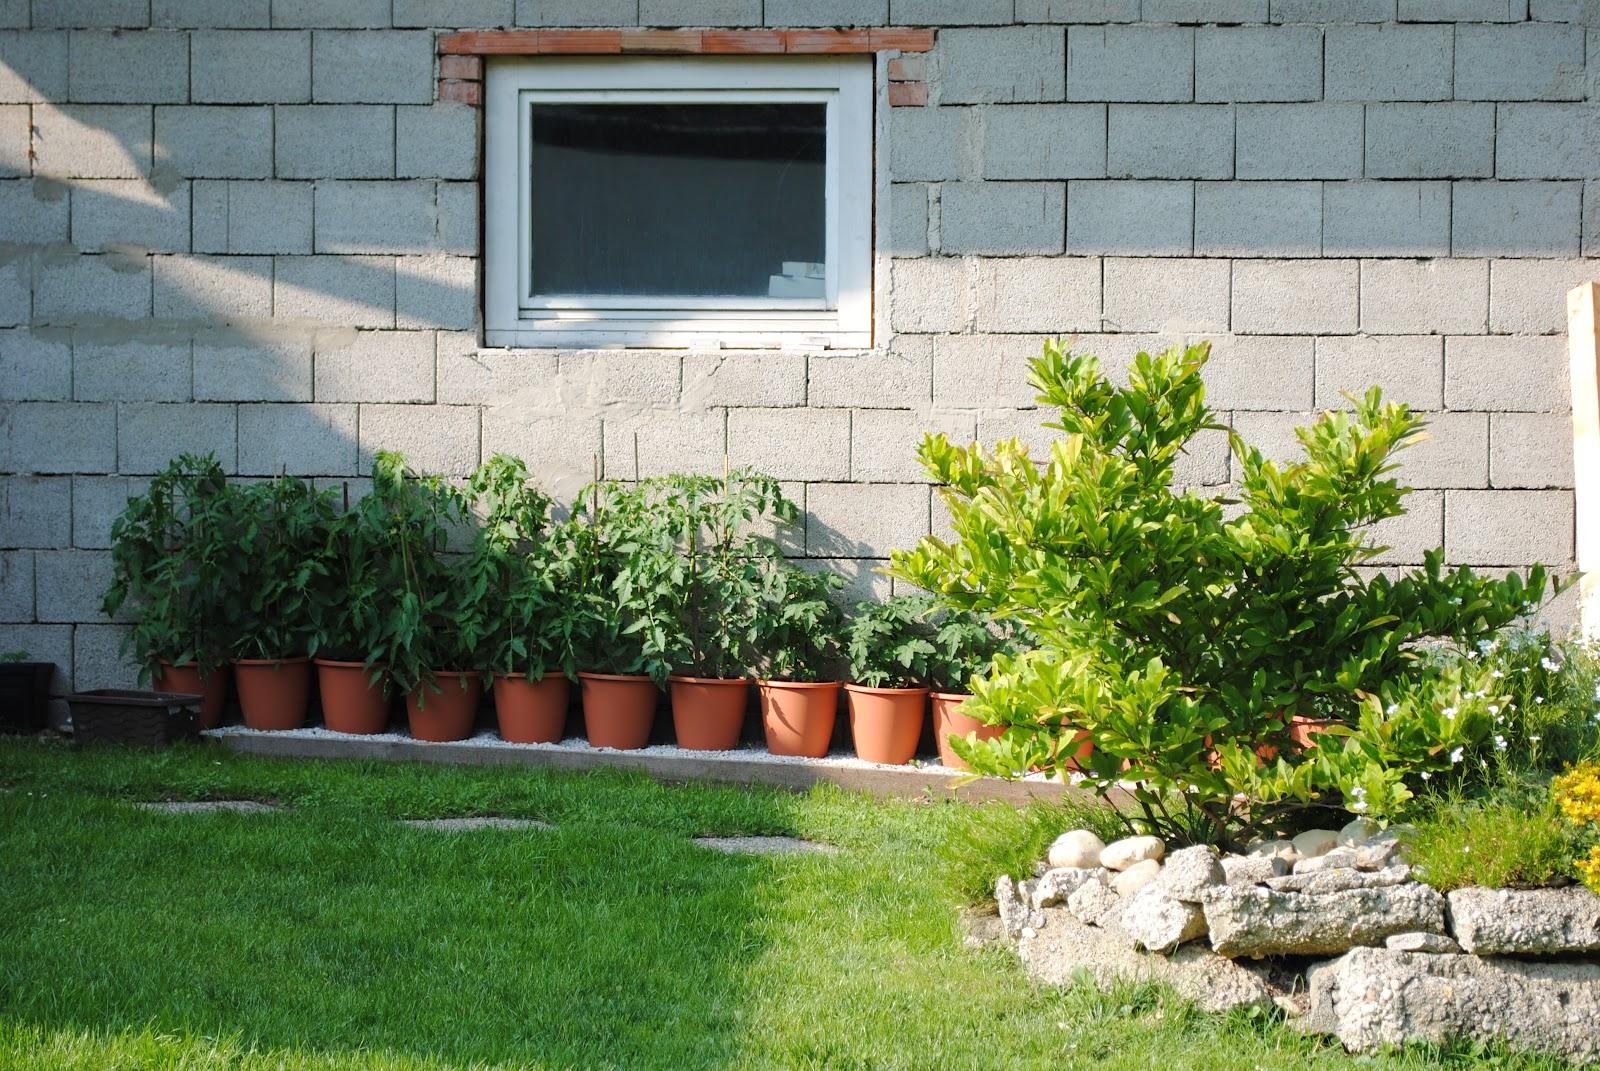 Das waren die frisch eingepflanzten Tomatenpflanzen heuer.